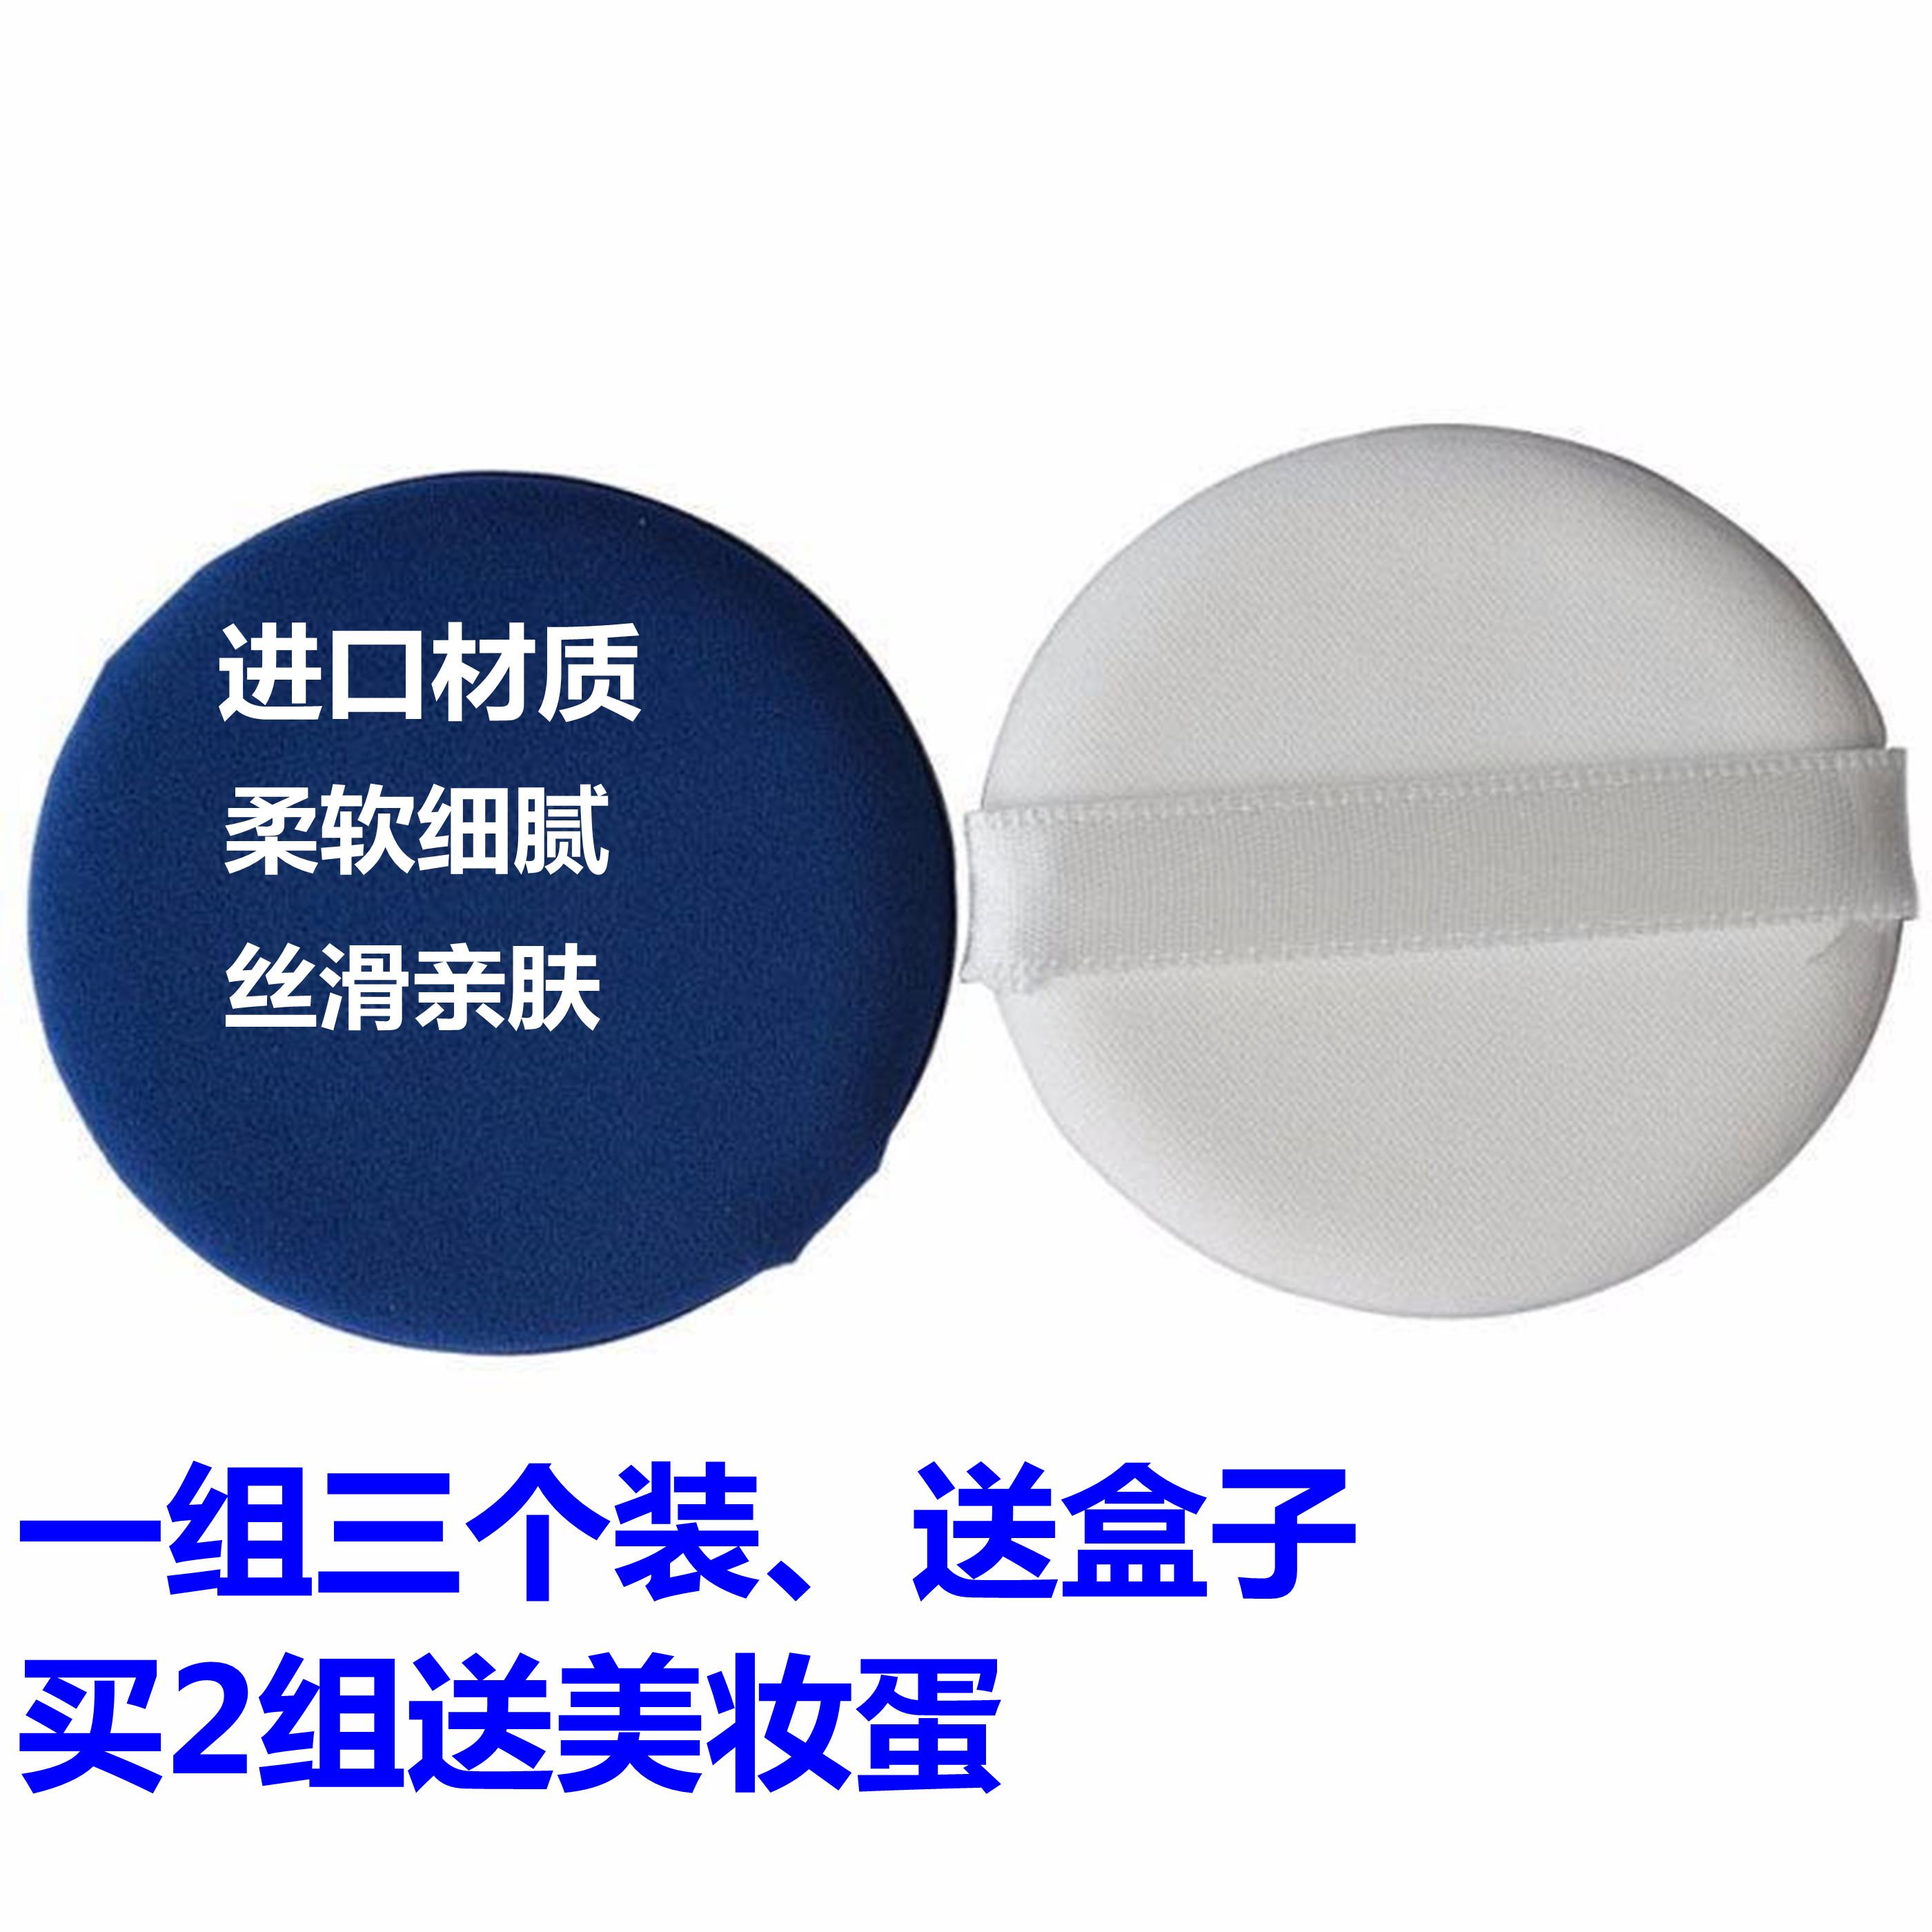 Gu Yue home air cushion powder puff sponge puff South Korea imported non latex BB cream powder powder powder cotton pads